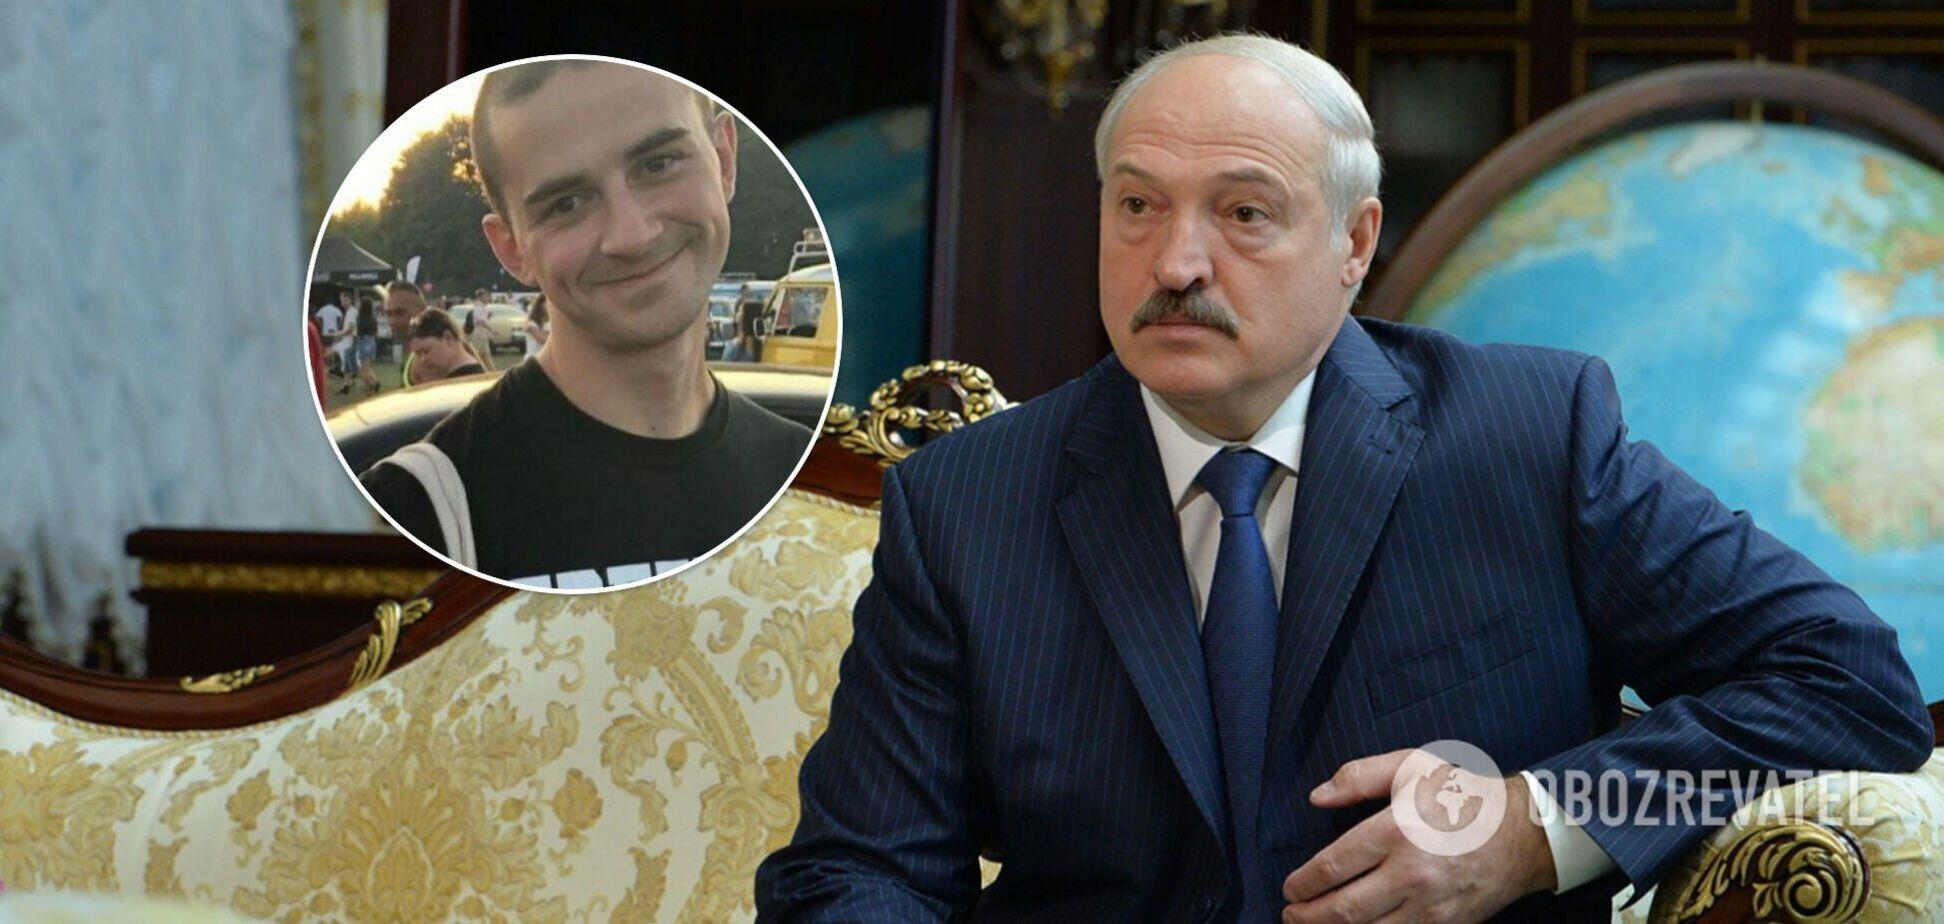 В Беларуси задержали велосипедиста за футболку с надписью 'Диктатору место в аду'